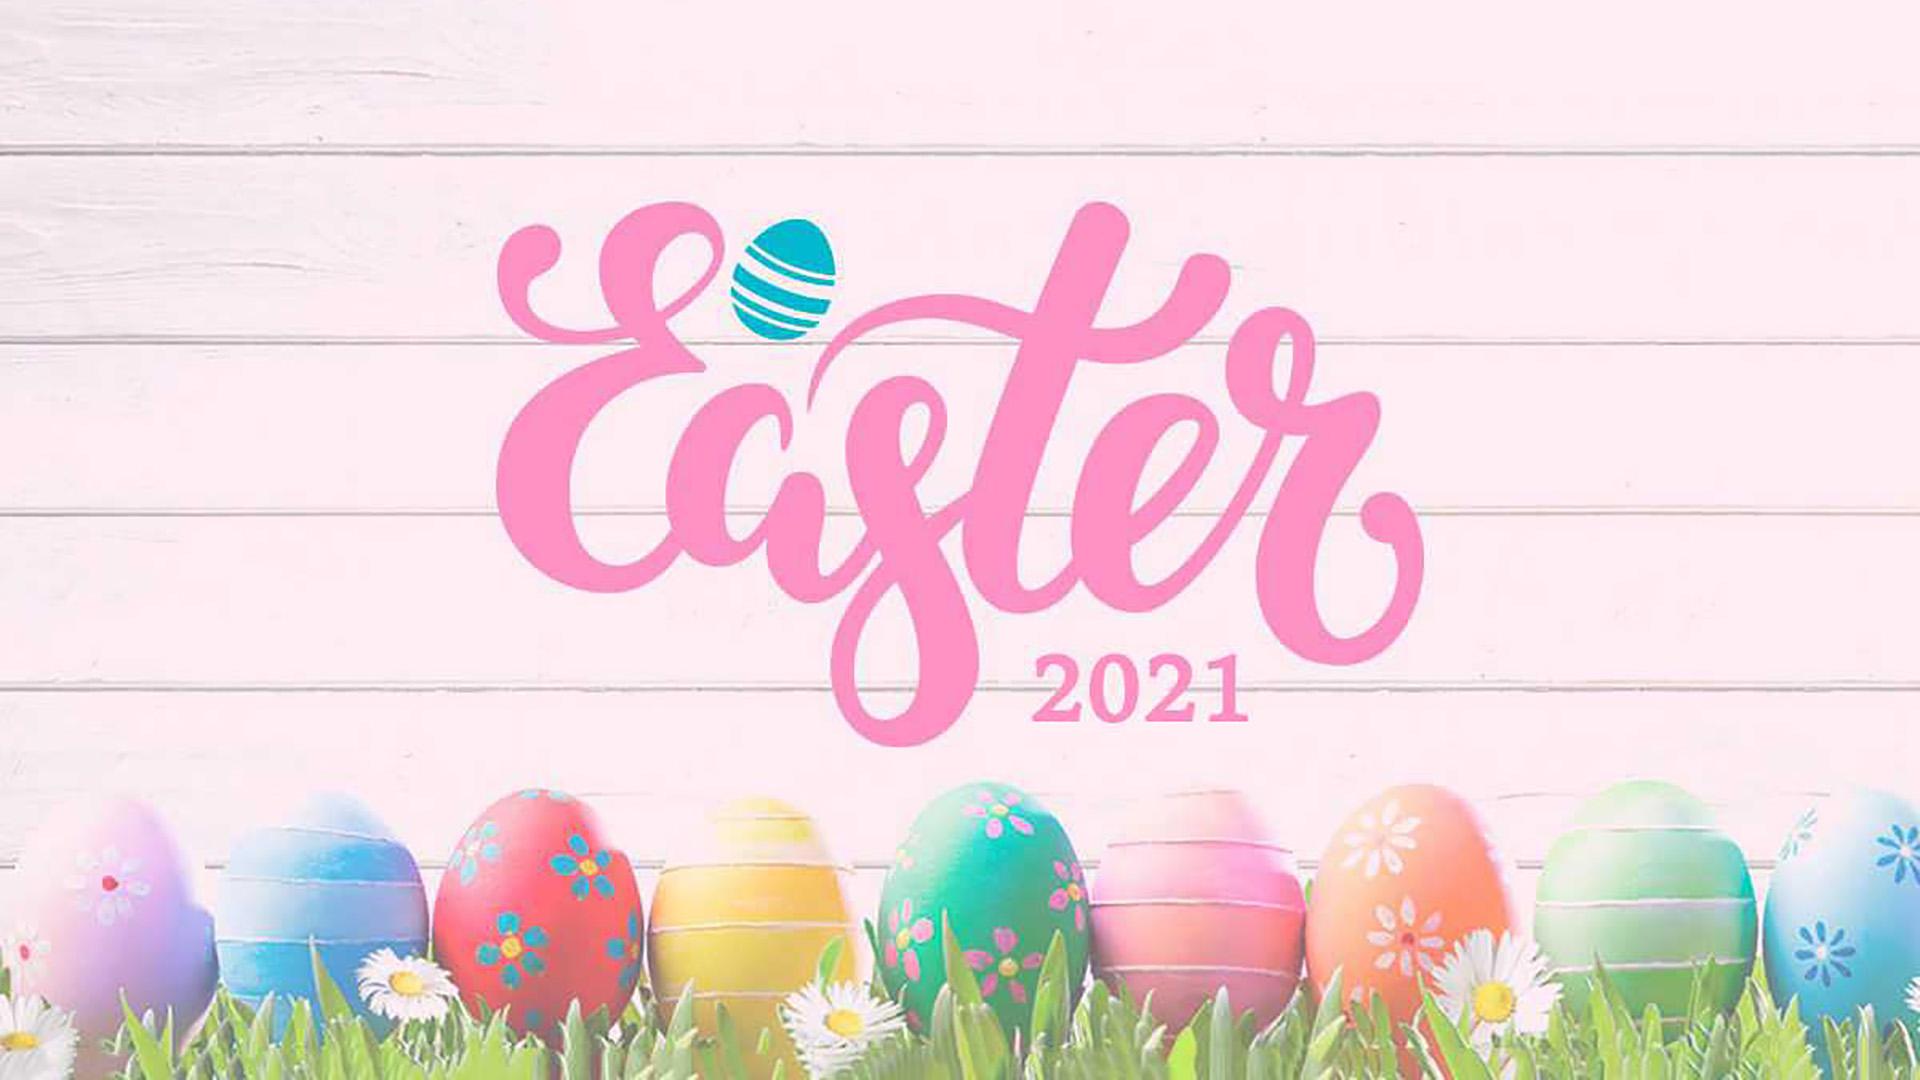 April 4 Easter Digital Signage Graphic